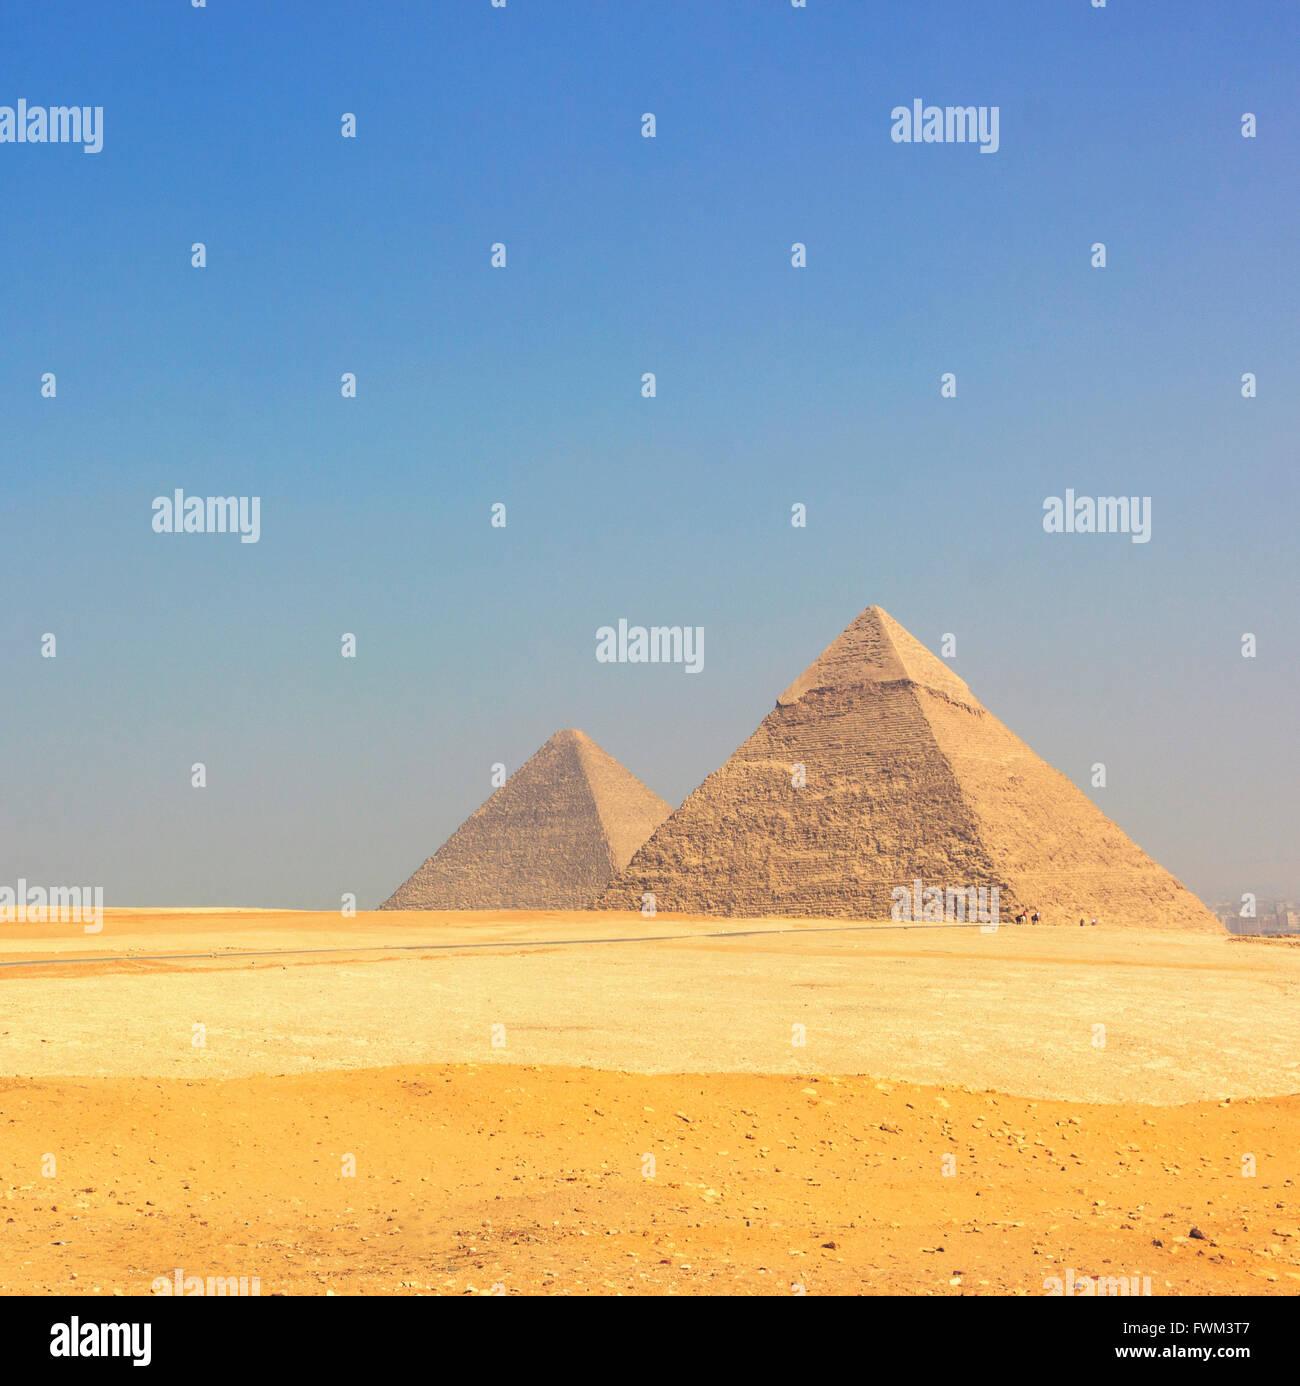 Vista panoramica delle piramidi di Giza contro il cielo chiaro Immagini Stock